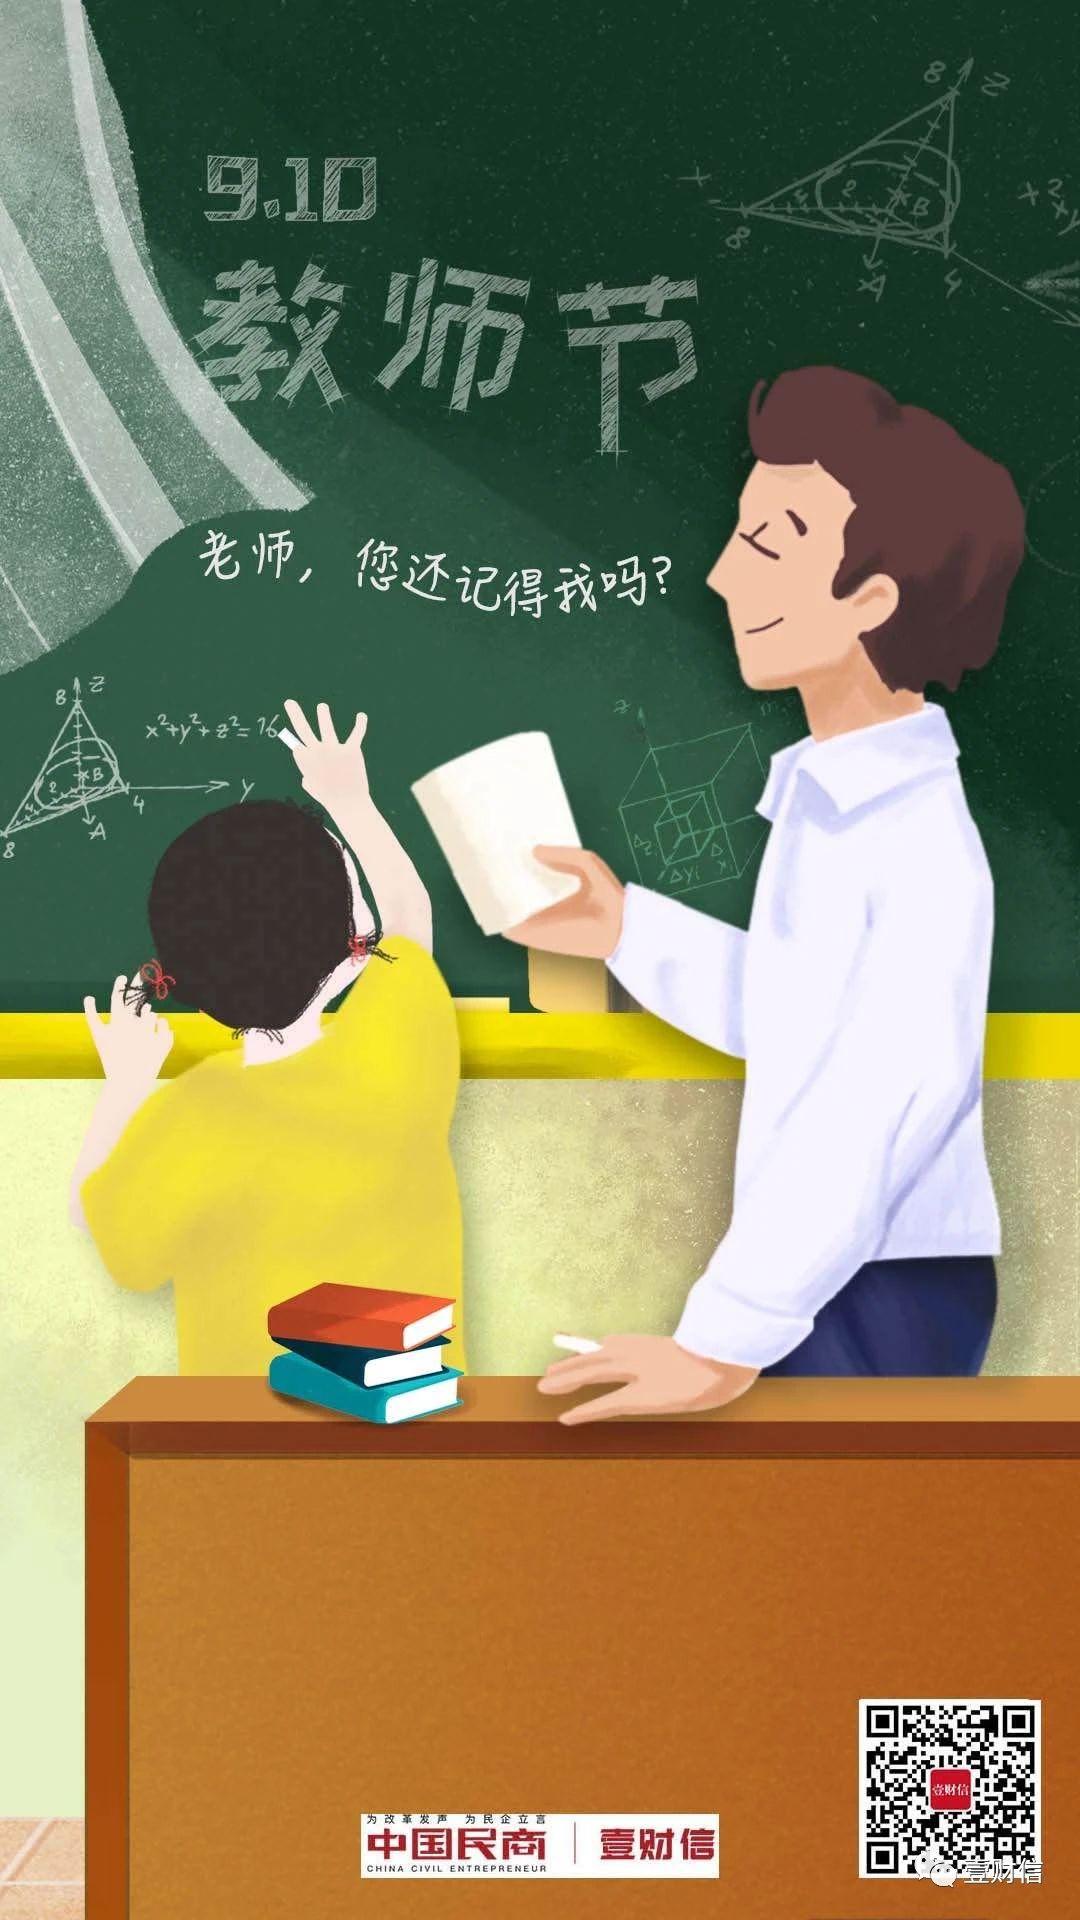 壹财信祝各位老师教师节快乐!